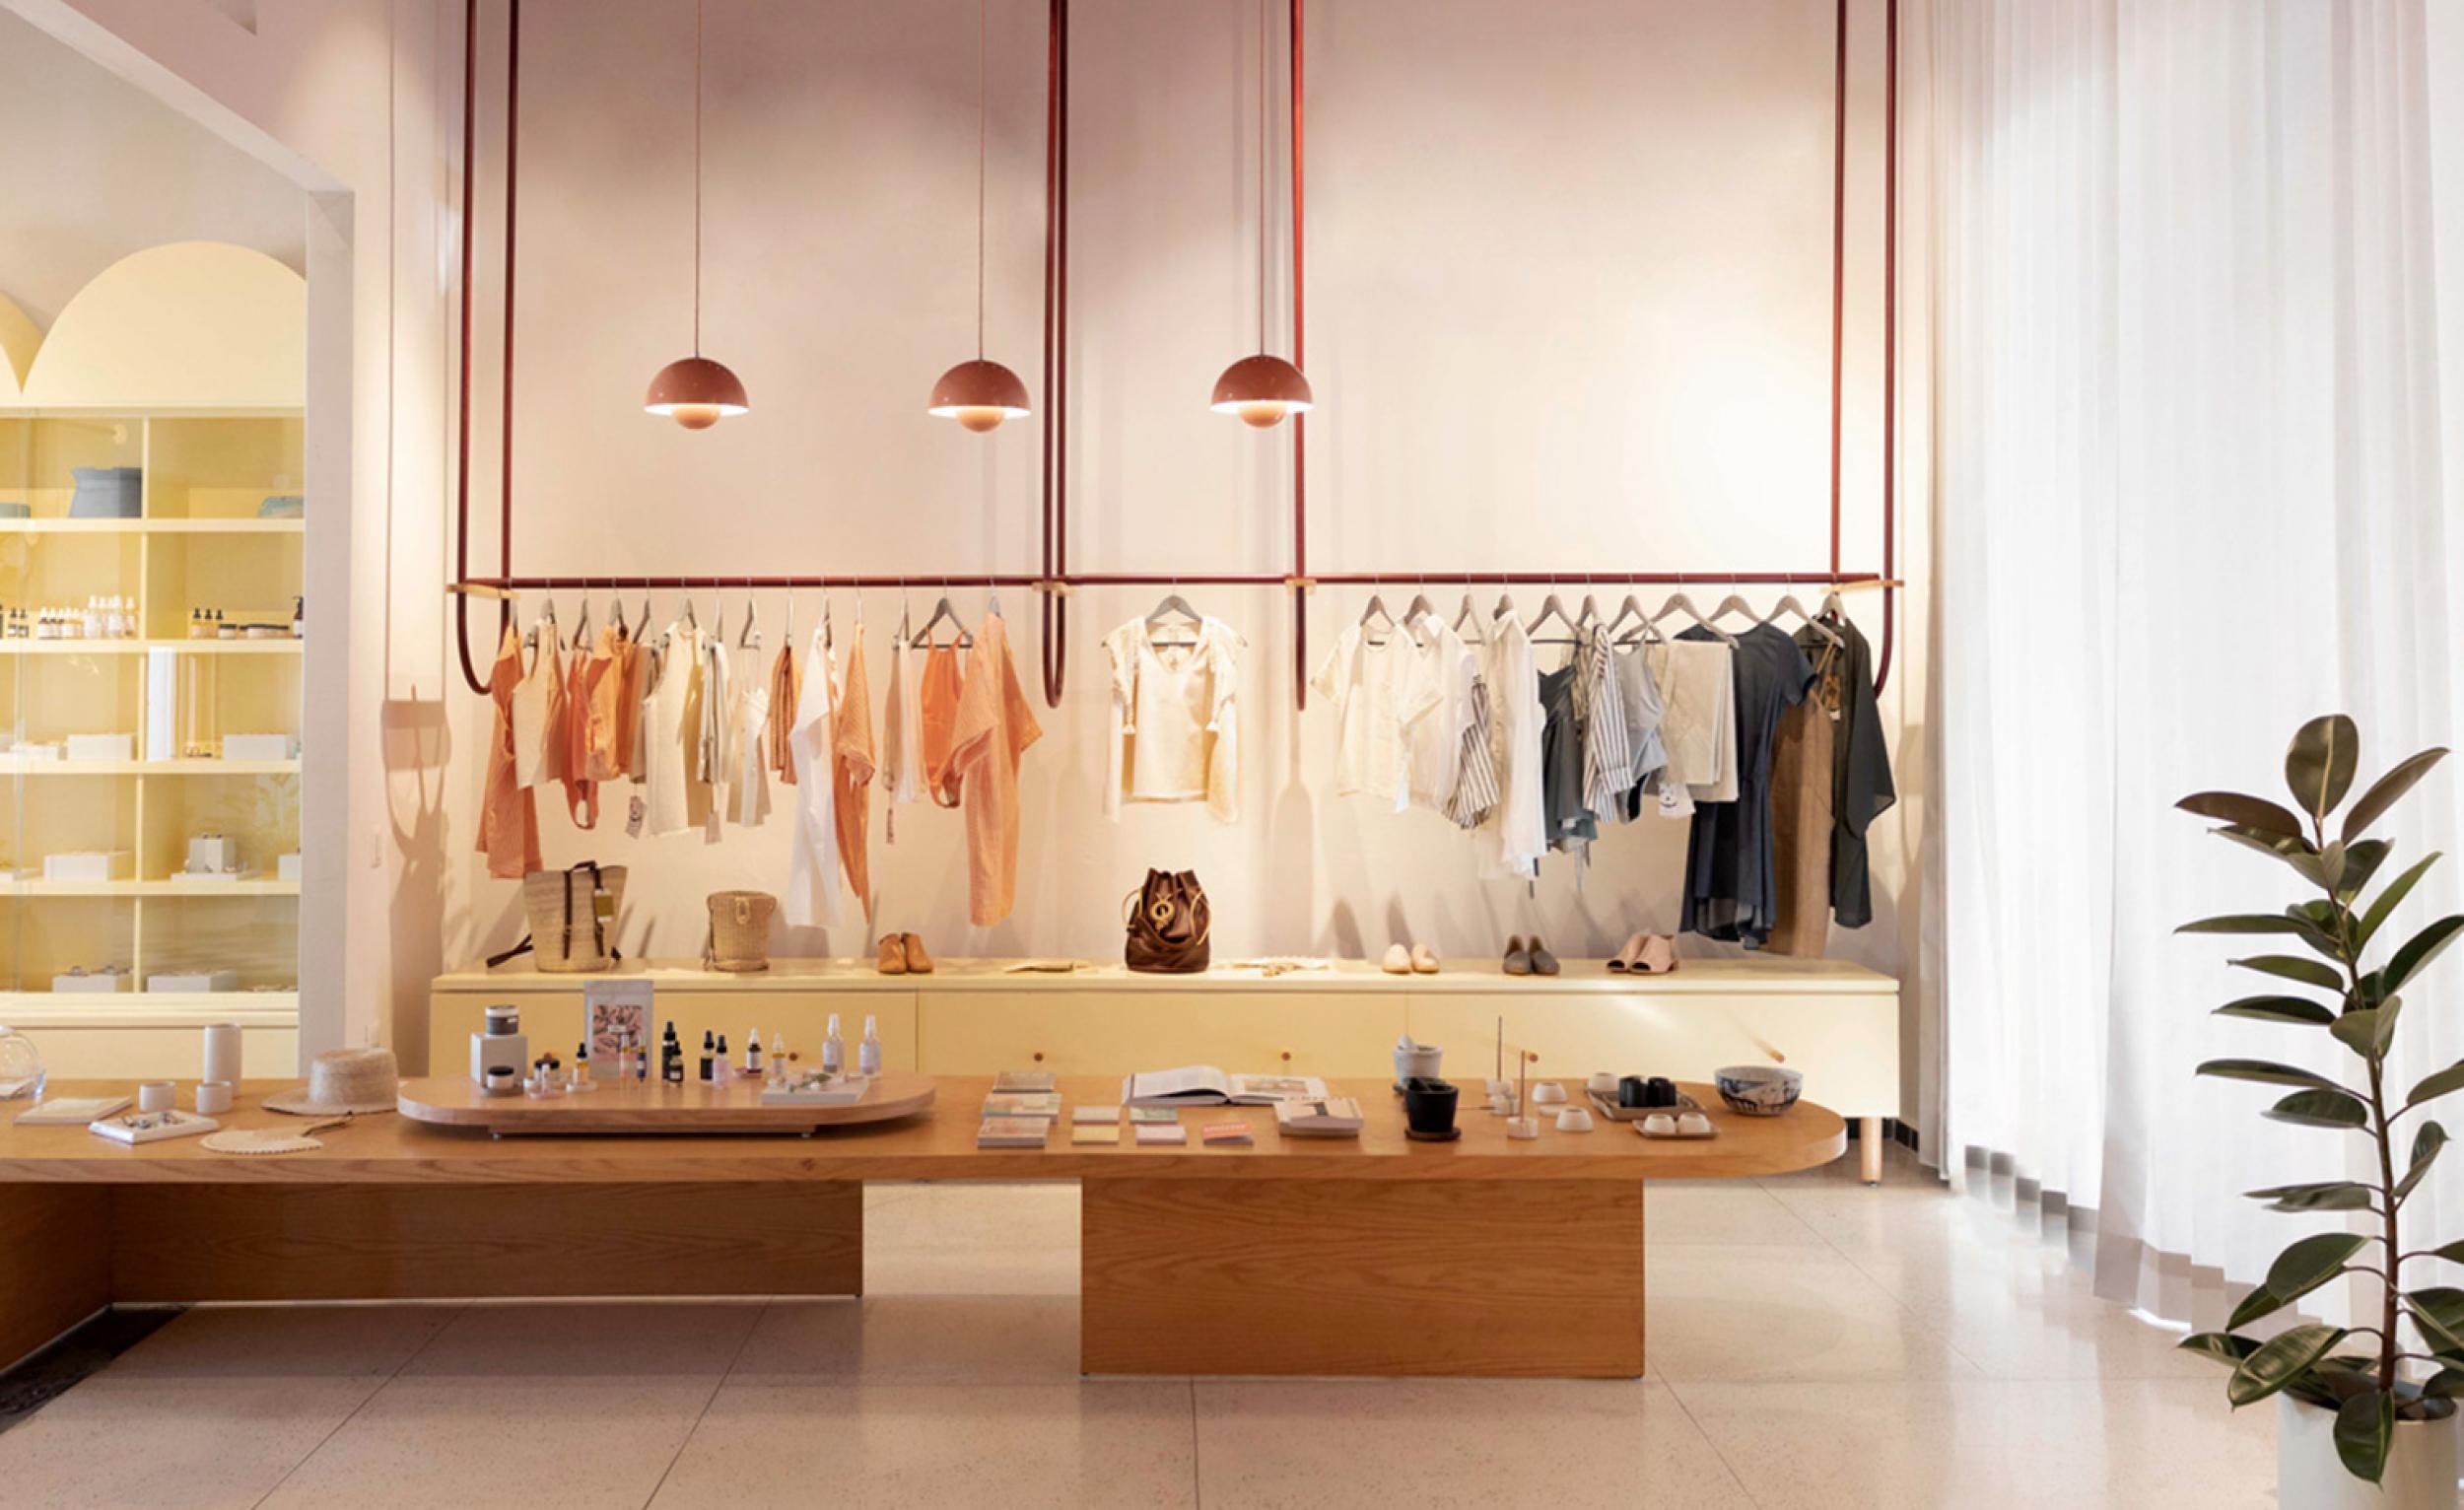 Lagalá – ekskluzywny sklep w Meksyku